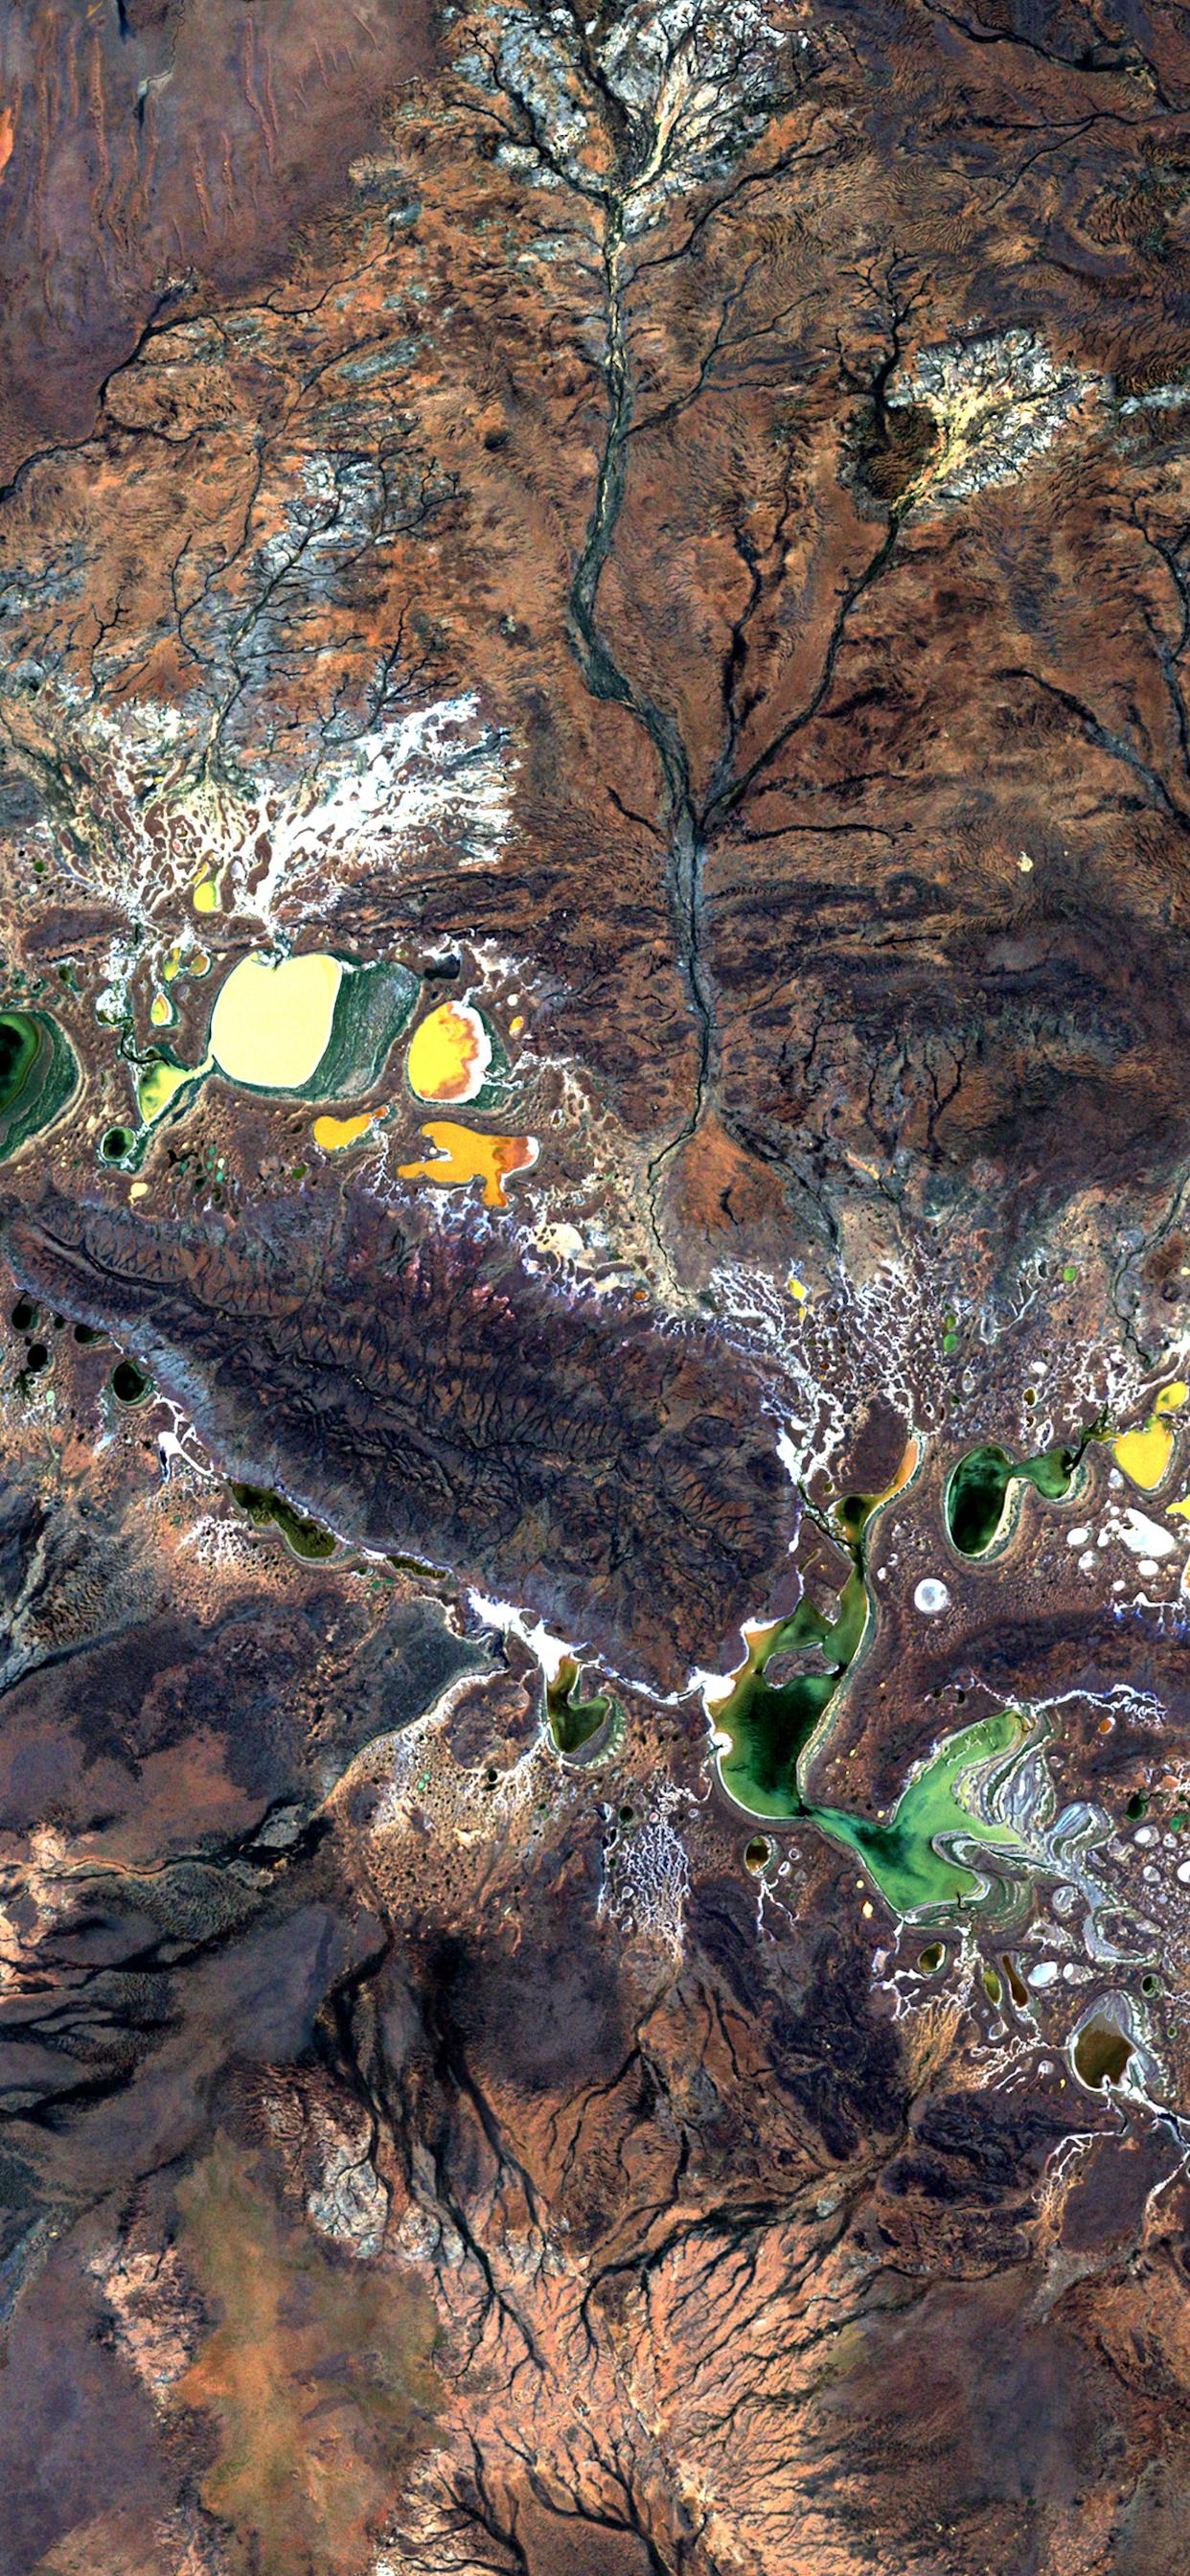 iPhone wallpapers satellite images western australia Fonds d'écran iPhone du 21/01/2020